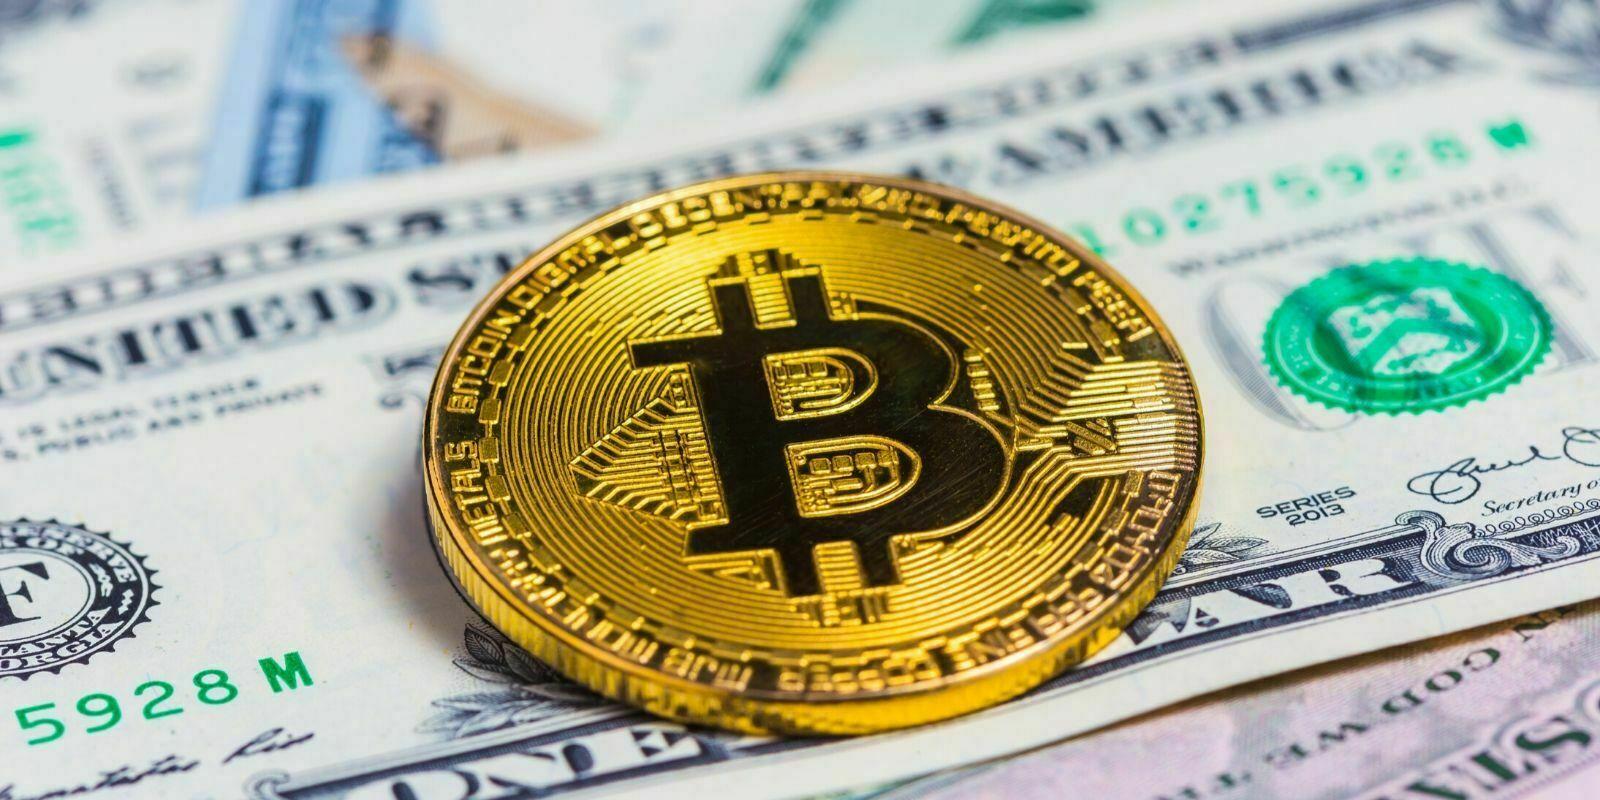 États-Unis : 20 000 points de vente permettent l'achat de bitcoins en espèces